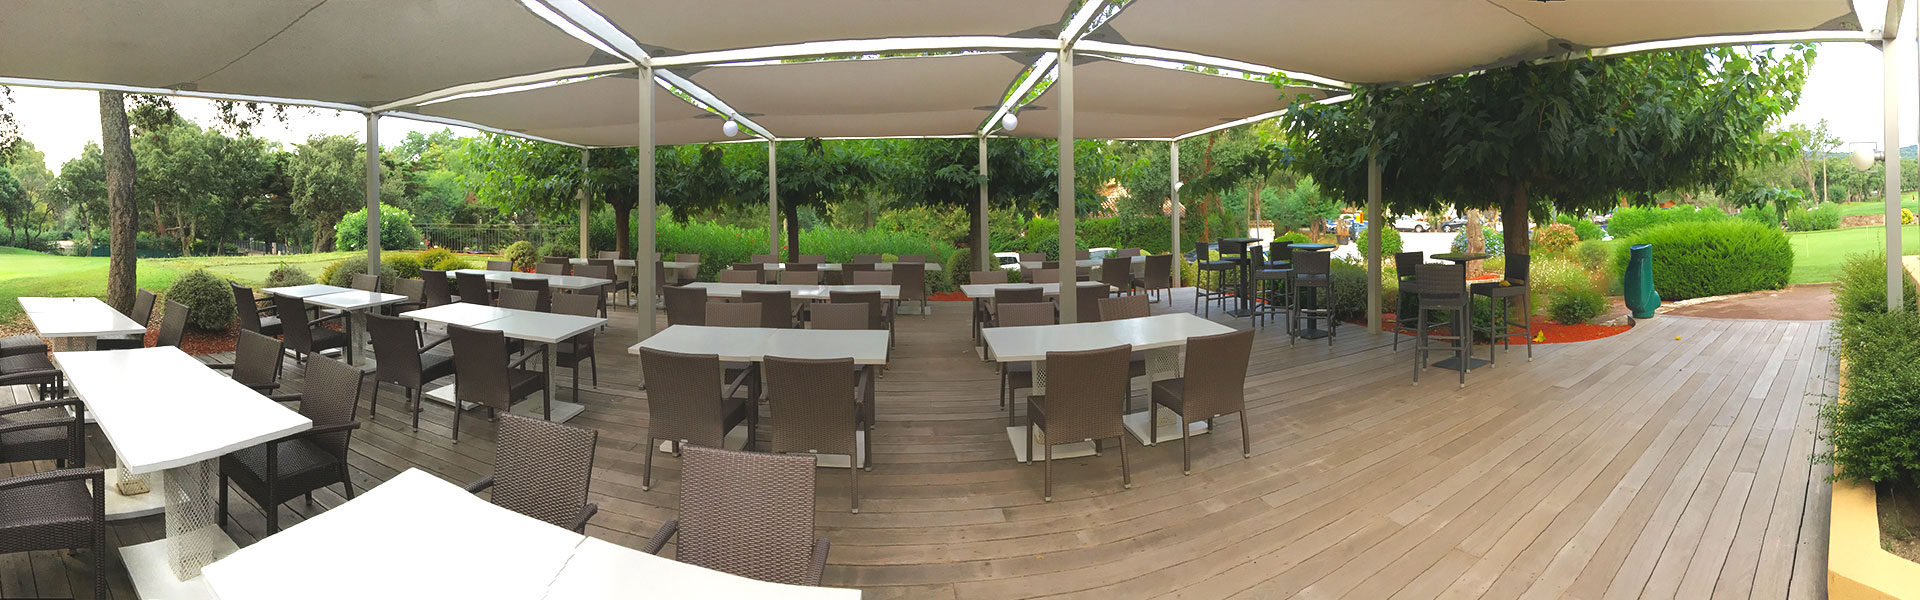 Club House Golf de Beauvallon restaurant Grimaud Golfe de Saint Tropez vue terrasse panoramique